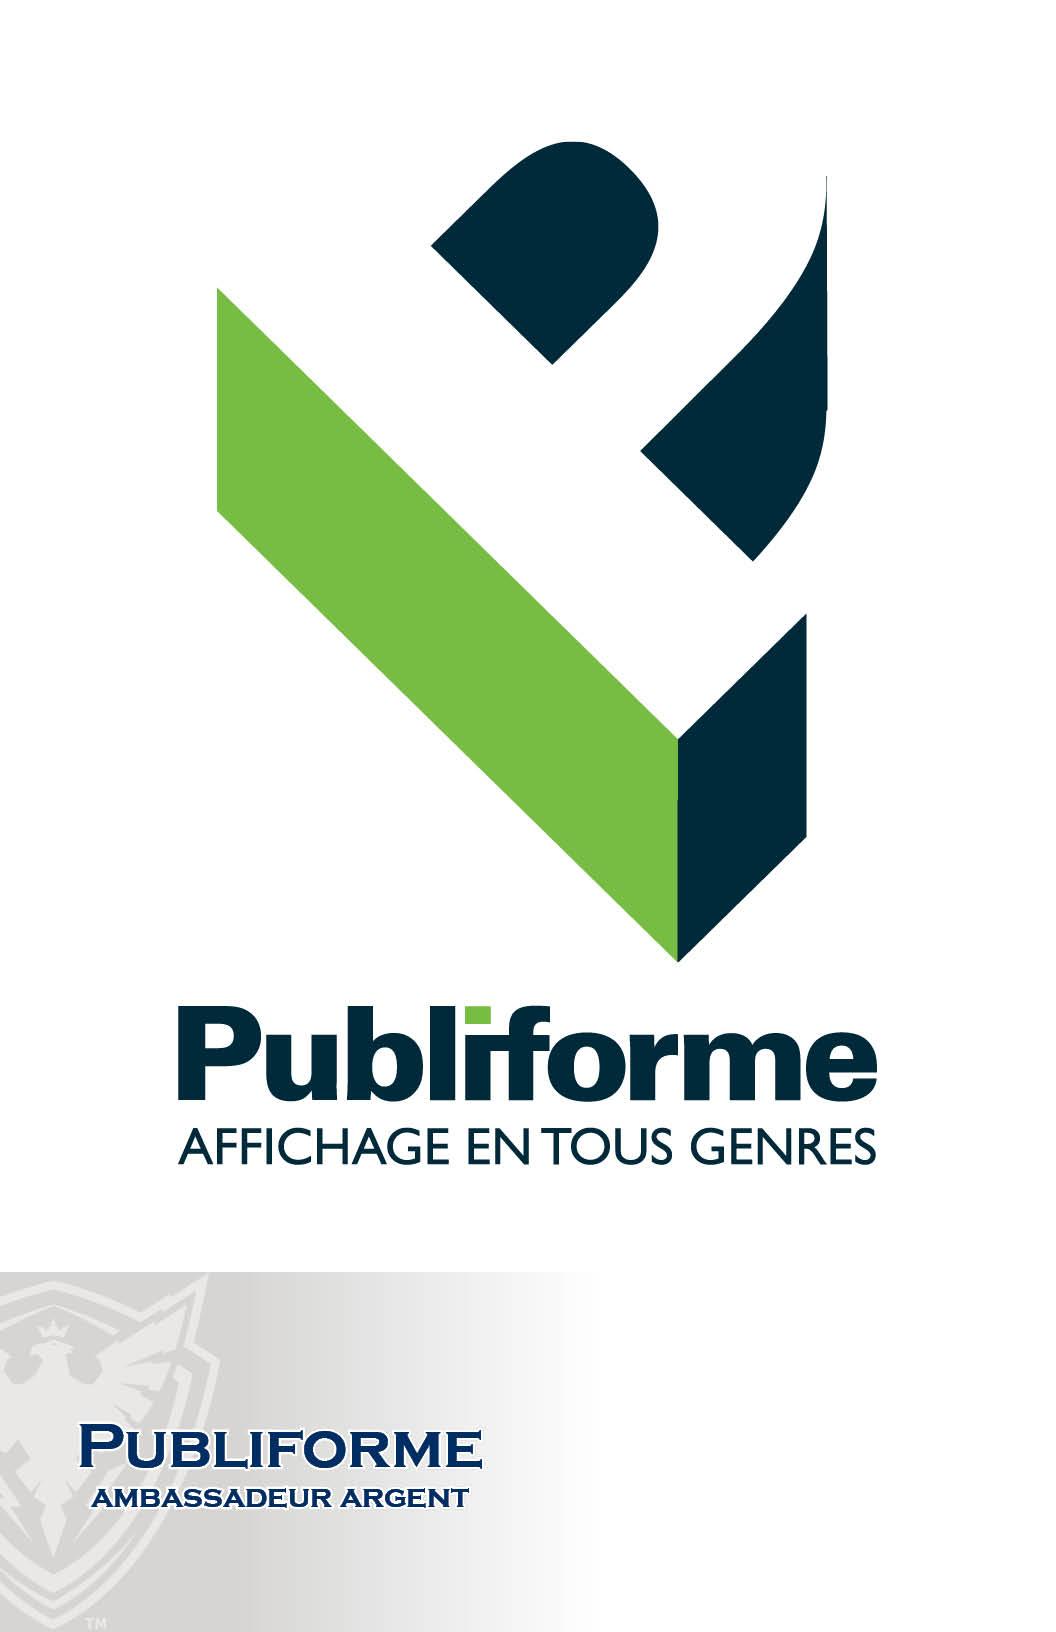 Publiforme